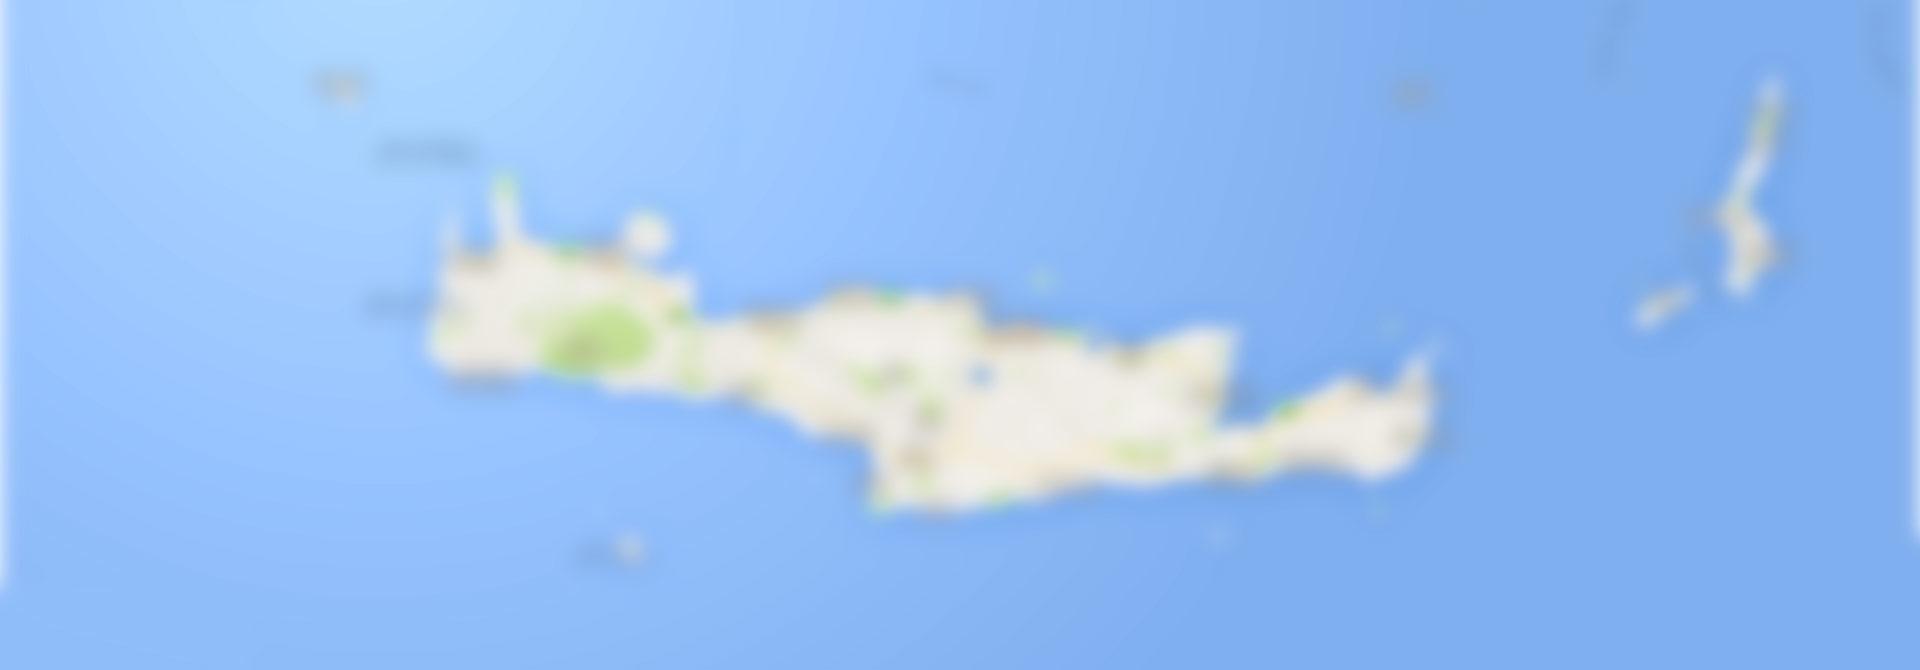 happy-divers-map-blur